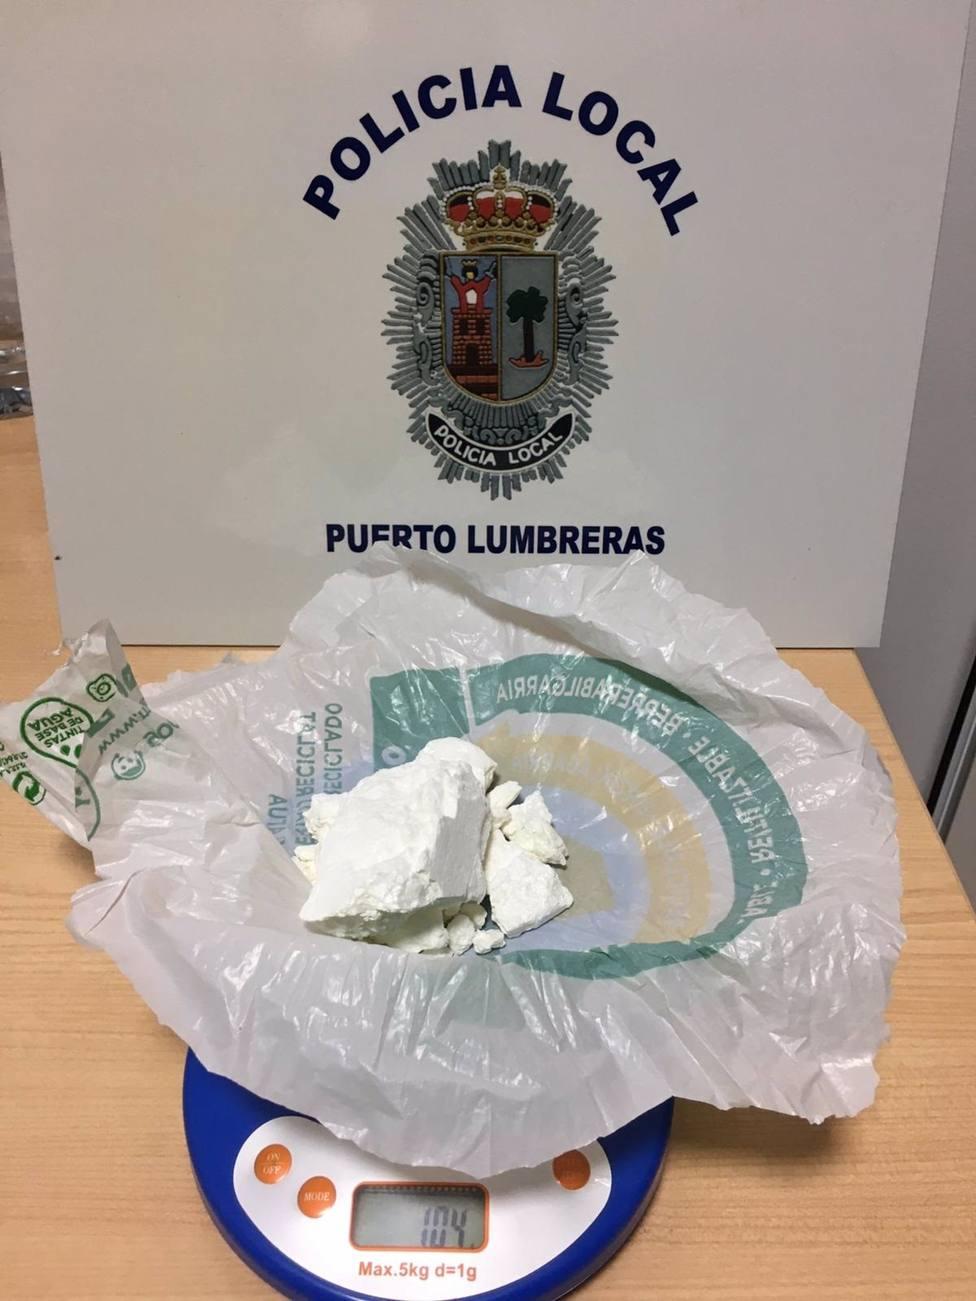 Imagen de la cocaína que portaba la detenida